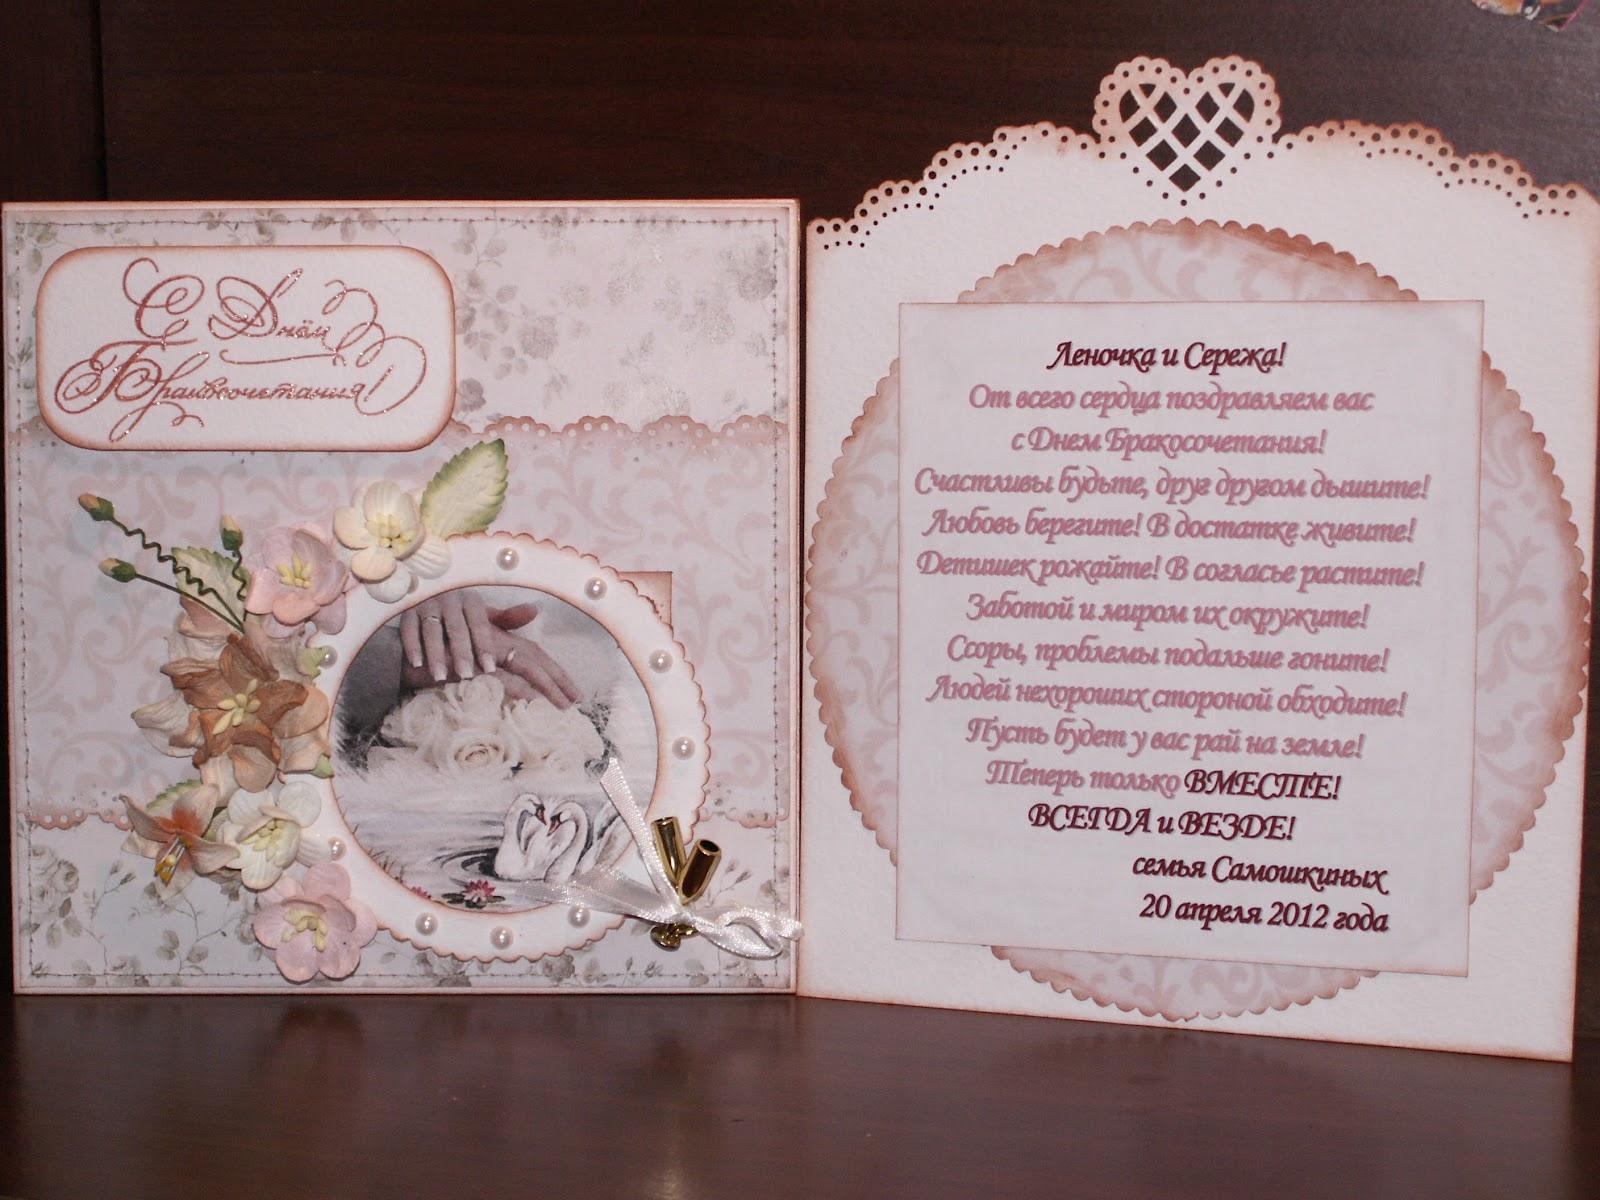 Сделать, как подписать открытку с днем свадьбы своими словами